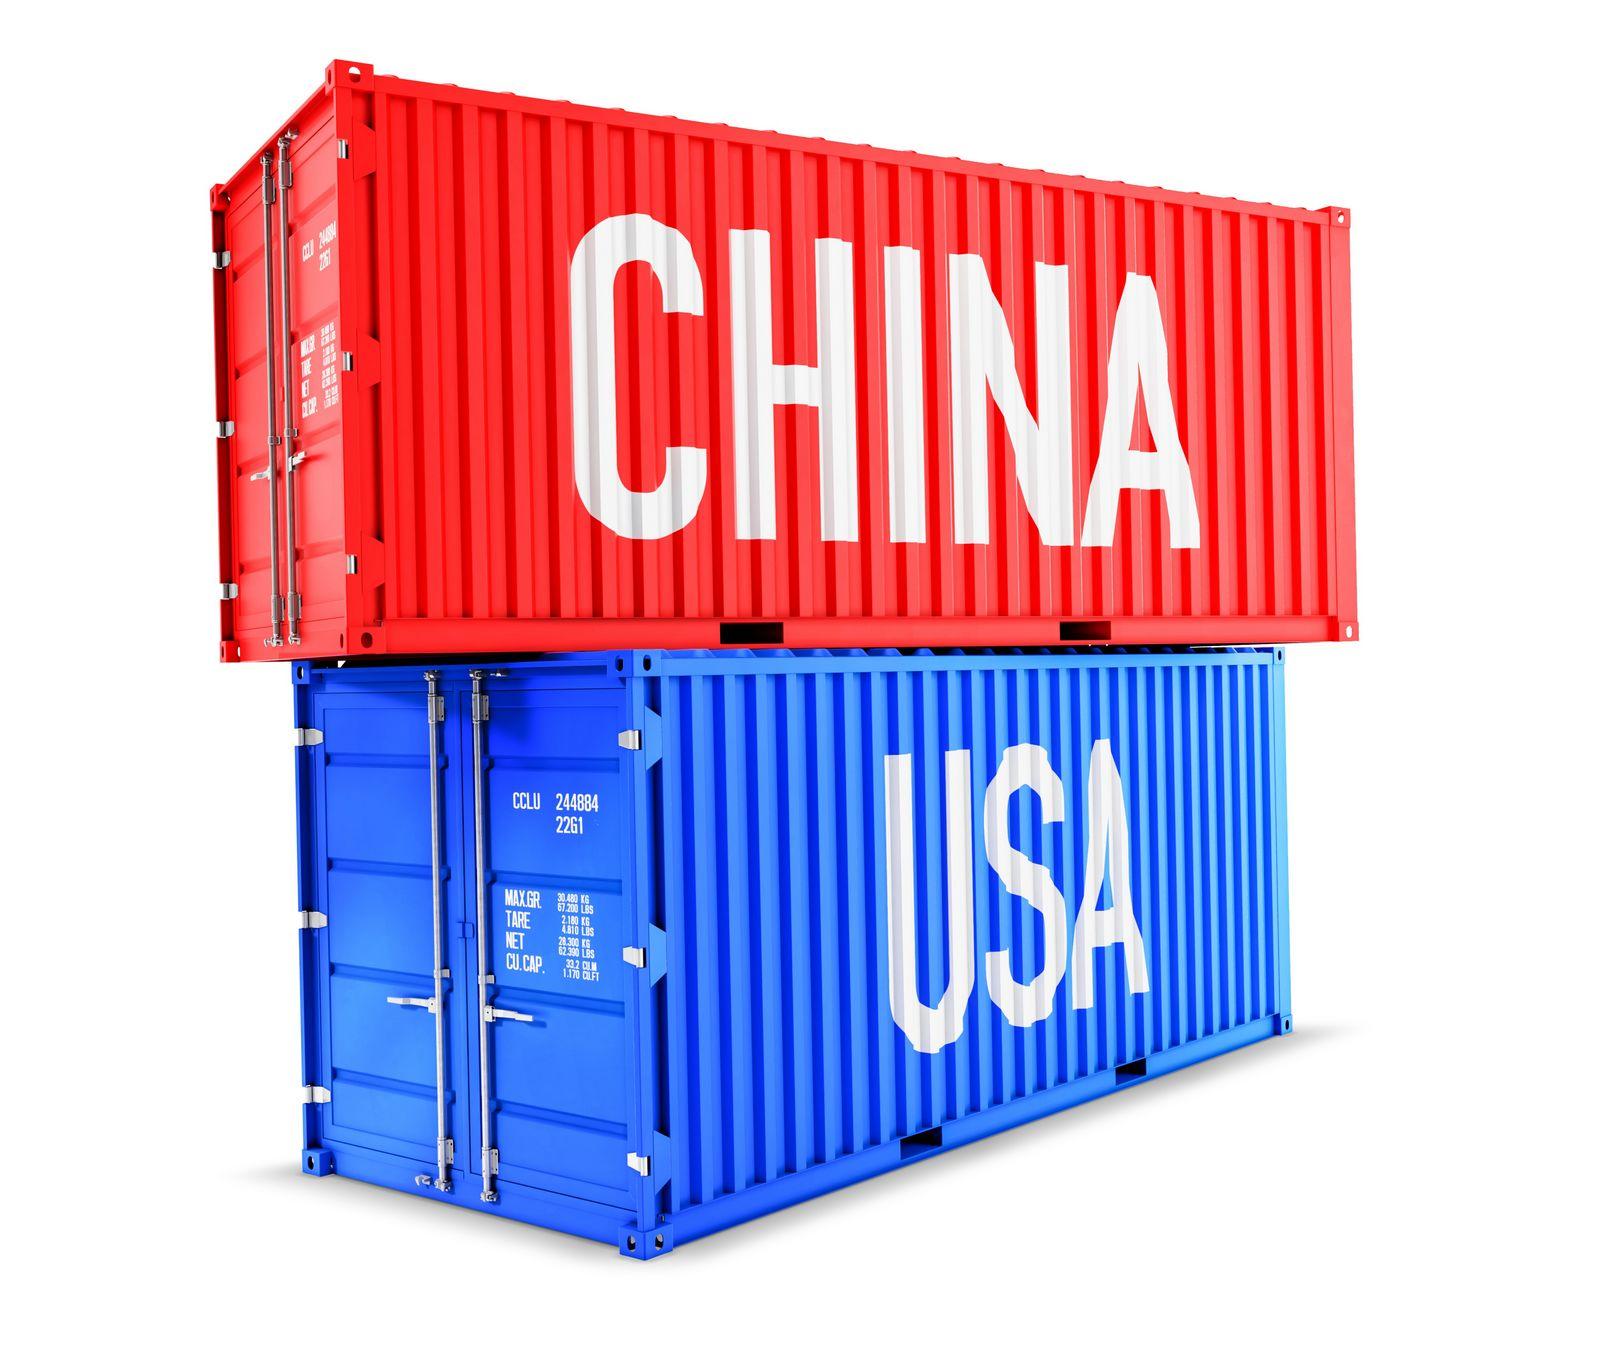 【葉國俊、謝順峰觀點】全球貿易糾紛及我國金融業的挑戰與機遇